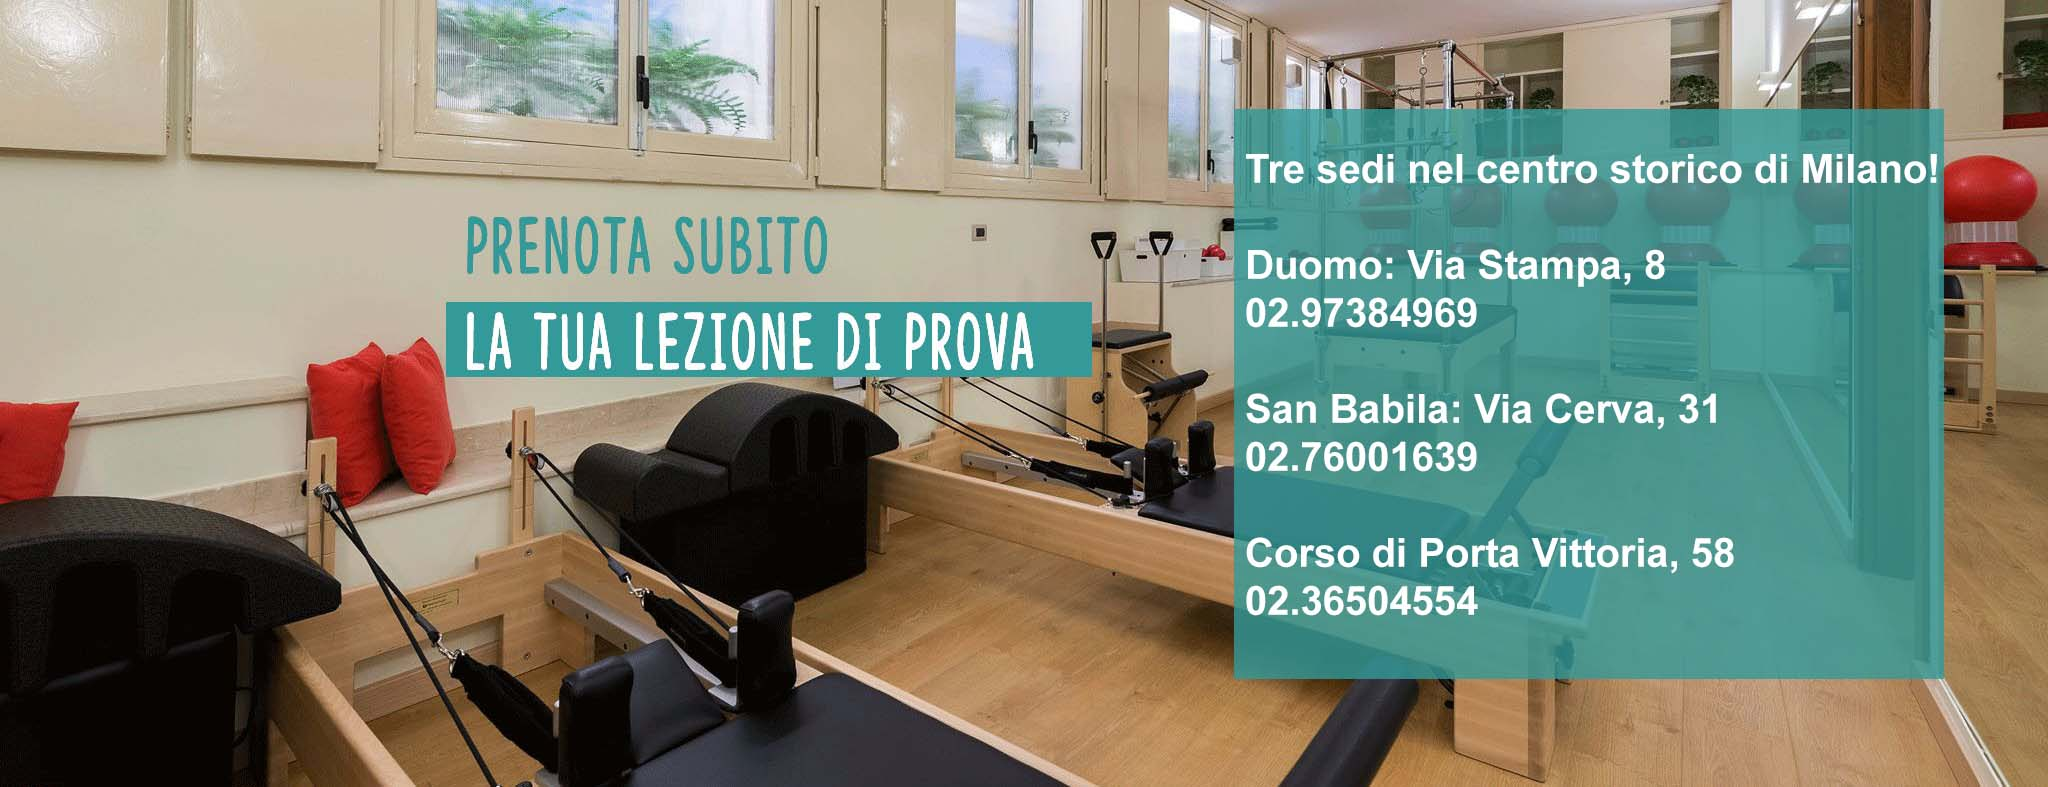 Lezioni Pilates Quartiere San Leonardo Milano - Prenota subito la tua lezione di prova